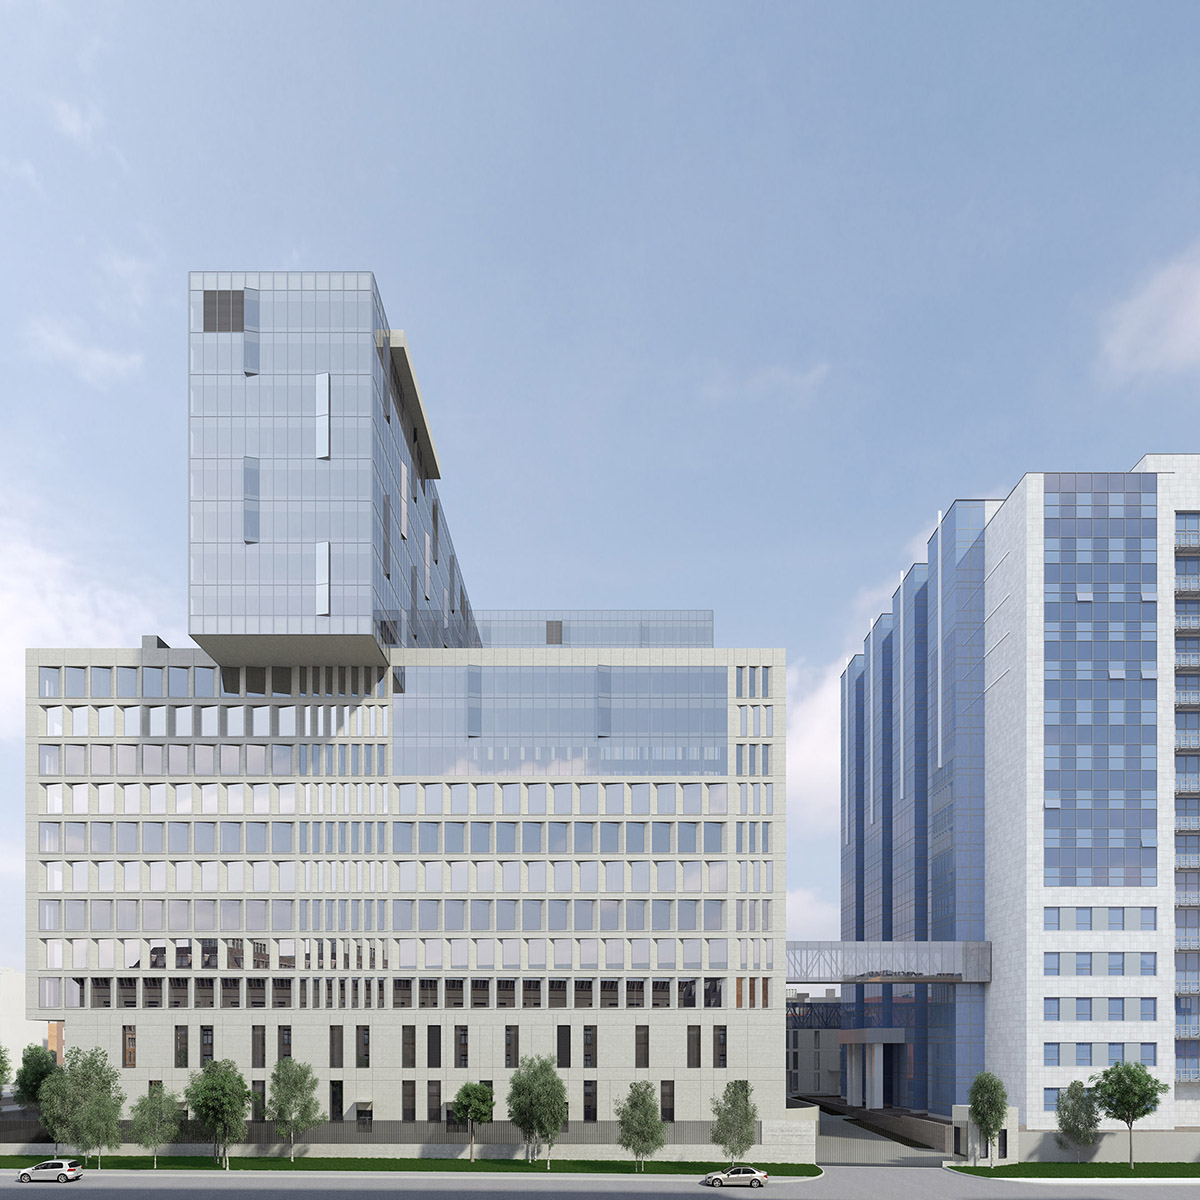 Строительство комплекса зданий Следственного Комитета Российской Федерации планируется рядом с существующим зданием СКР в Техническом переулке на Севере